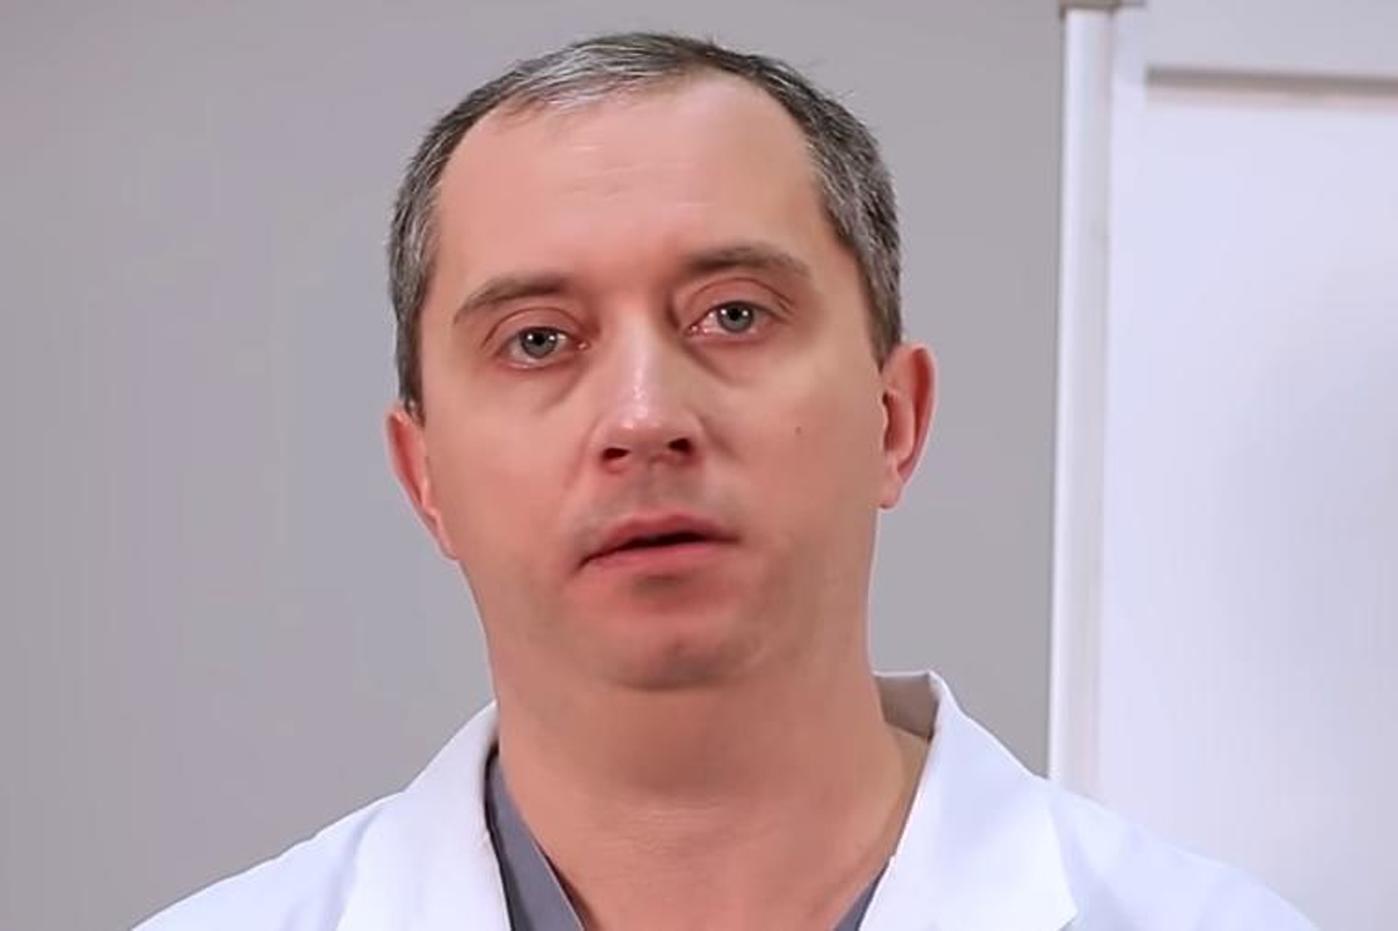 najbolja bolnica za liječenje hipertenzije kardiologiju hipertenzija